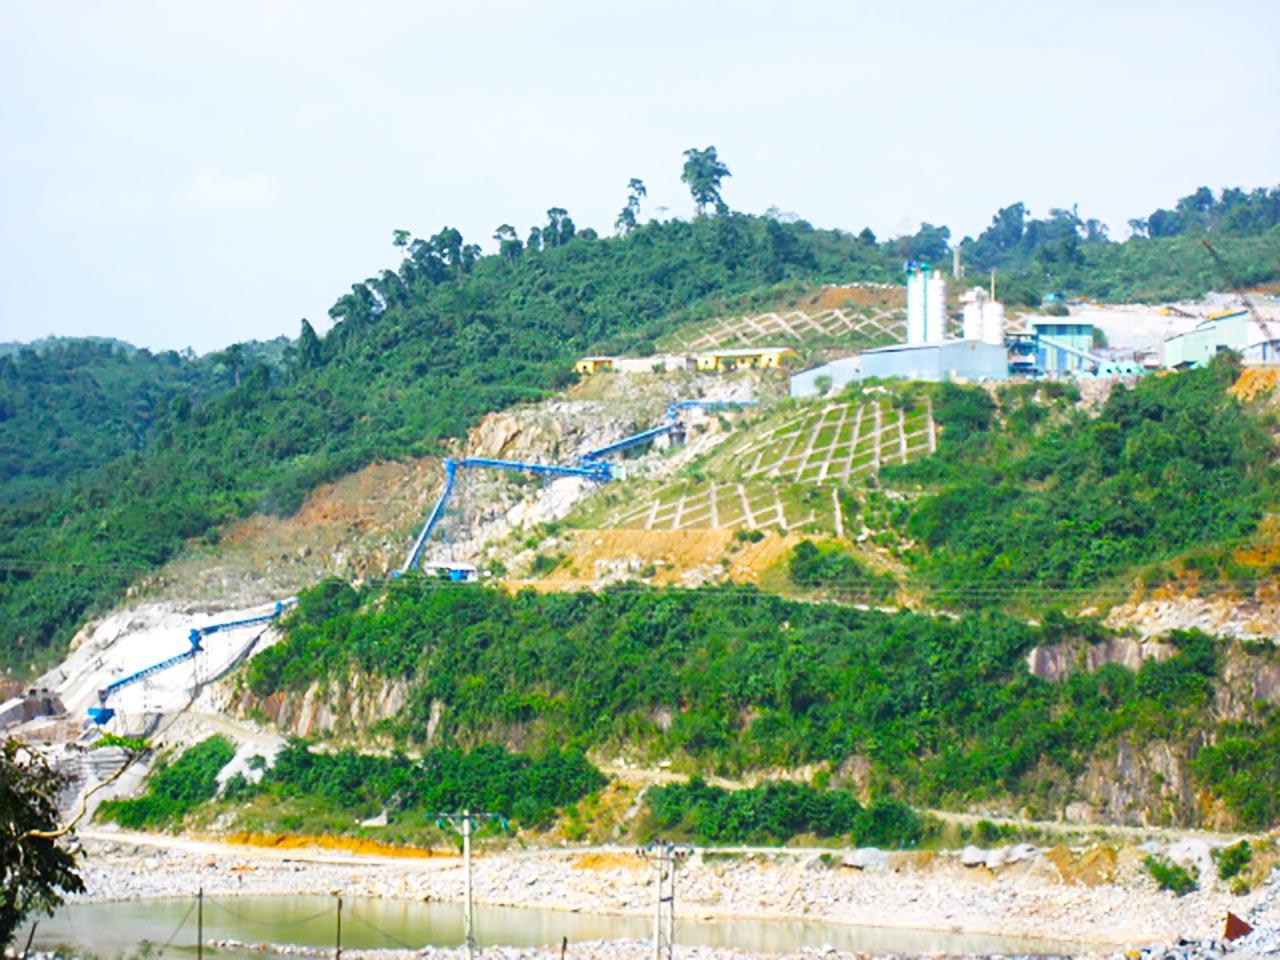 Thiết bị Cơ khí thủy công, Đường ống áp lực Thủy điện 715 (Đắk Lắk)